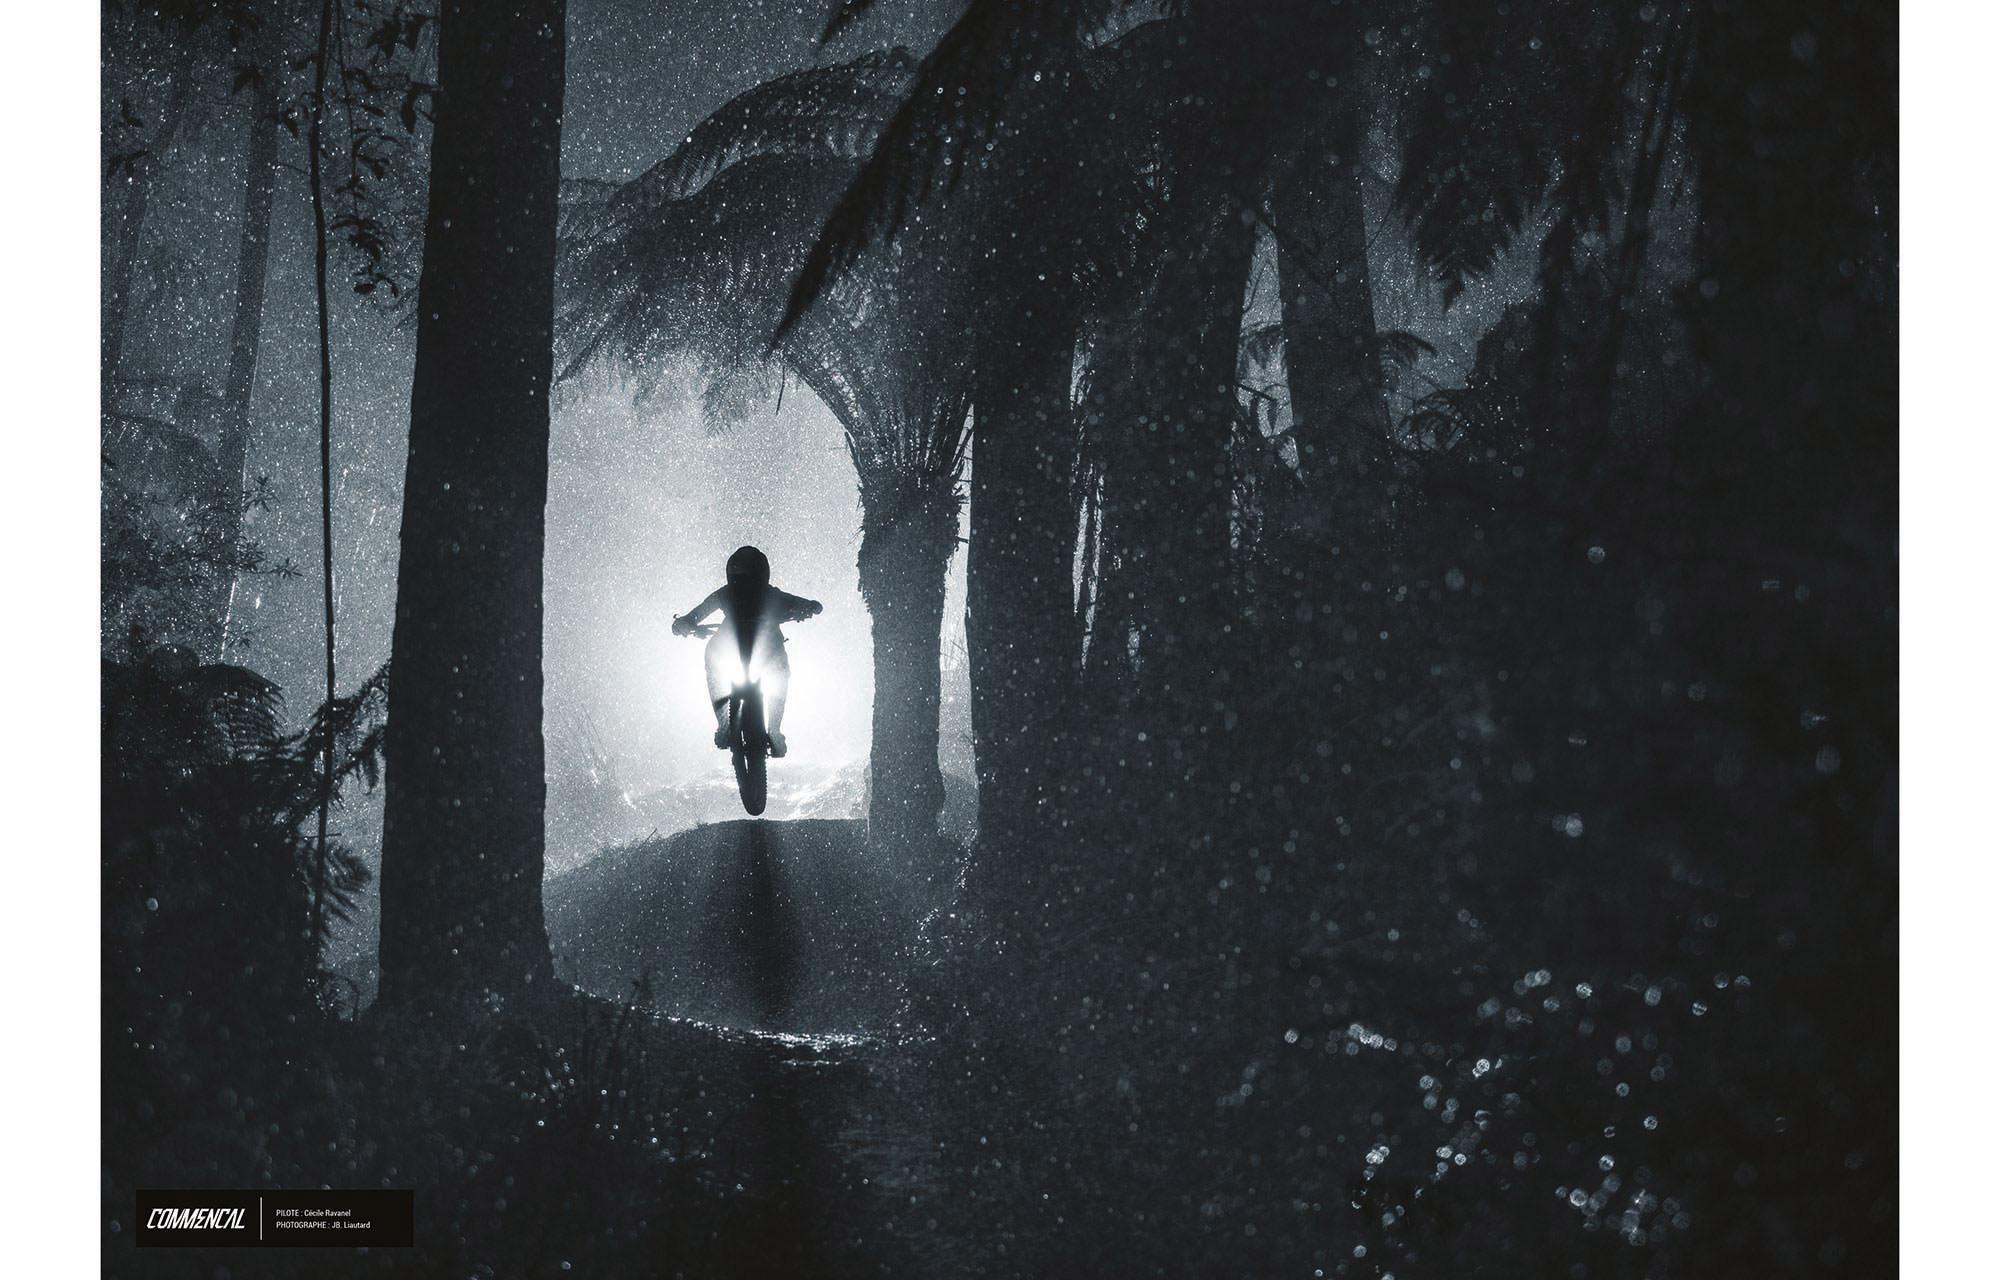 4bce56006fd34 FOTO ALTA CALIDAD   CECILE RAVANEL - PALMS ON THE MOON TASMANIA